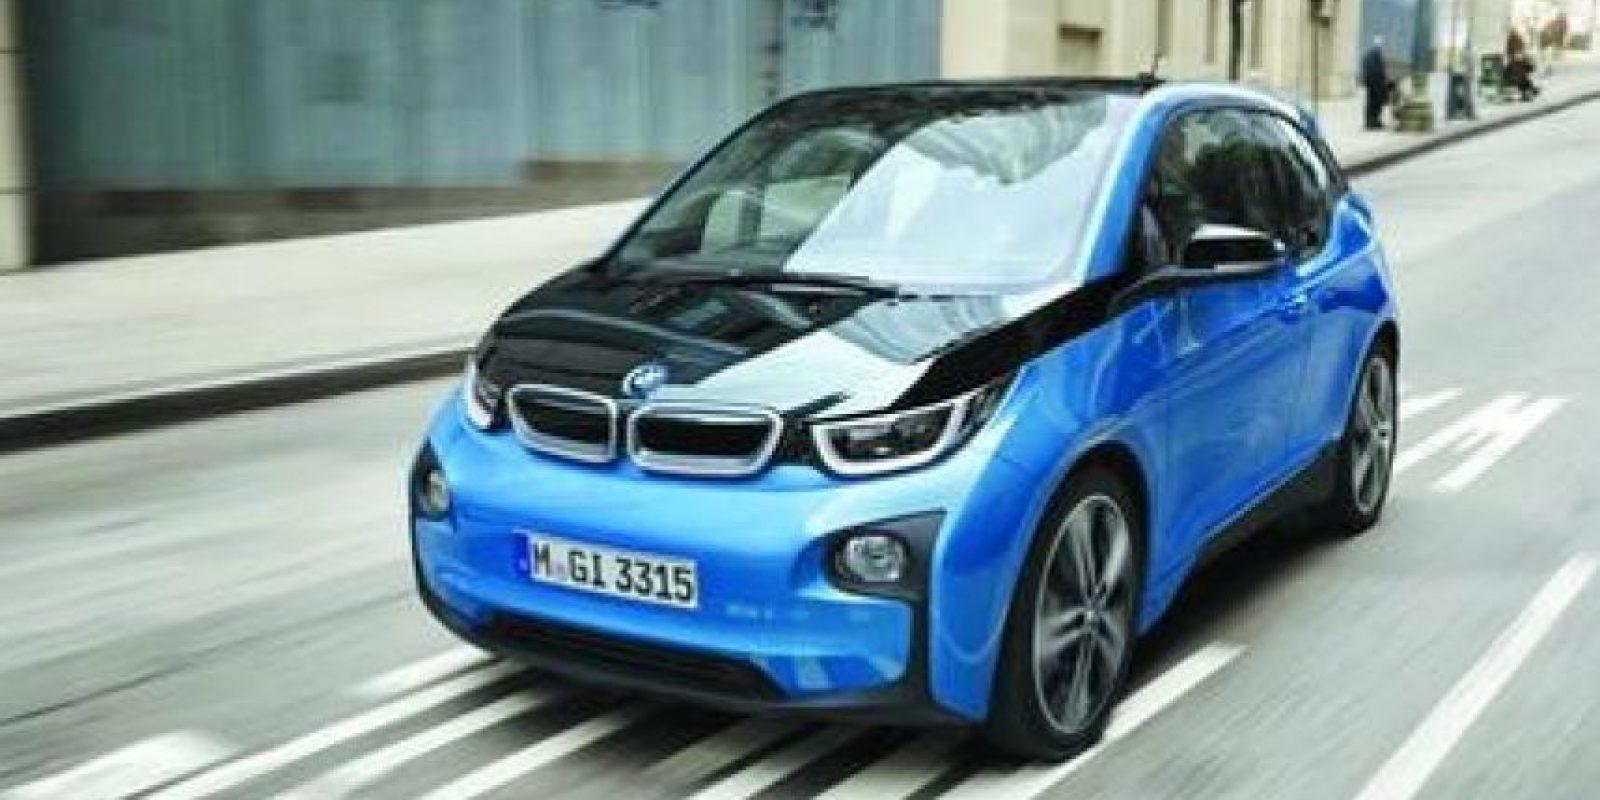 BMW i3, ¡más rango! El modelo de vehículo más reciente de la serie BMW i3 ofrecerá la ventaja de una autonomía superior a 50 % gracias a la nueva batería de 94 Ah. En un ciclo normal (NEDC) cuenta con una autonomía de 300 kilómetros en lugar de los 190 que tenía hasta ahora. A ello se añaden las opciones de equipamiento adicionales para el BMW i3, así como estaciones de carga BMW i Wallbox nuevas y más potentes para la casa. Foto:Metro